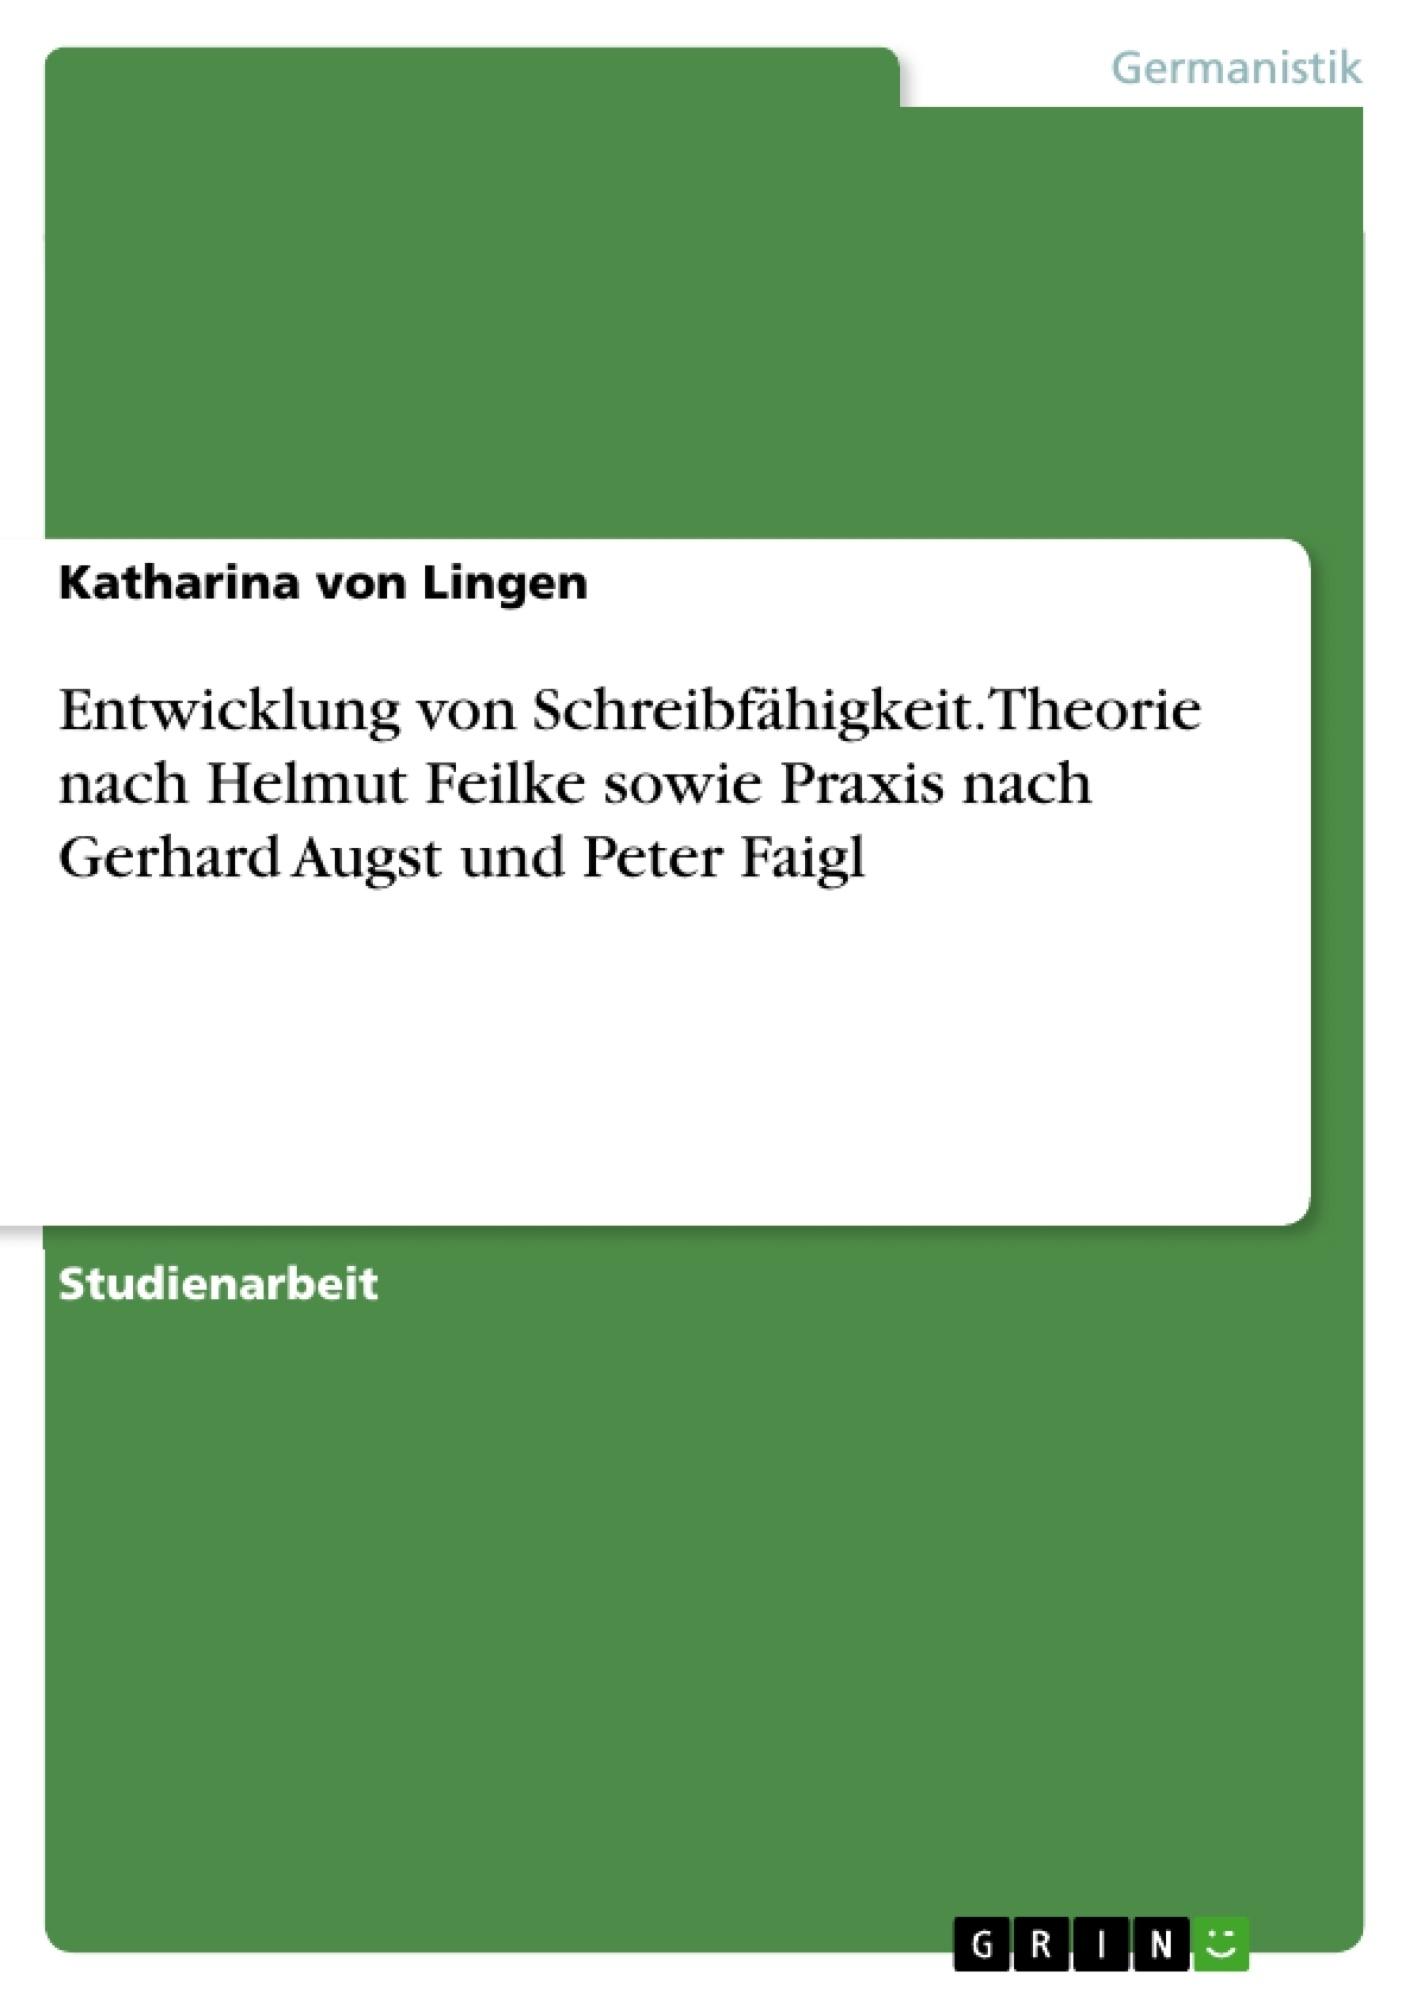 Titel: Entwicklung von Schreibfähigkeit. Theorie nach Helmut Feilke sowie Praxis nach Gerhard Augst und Peter Faigl